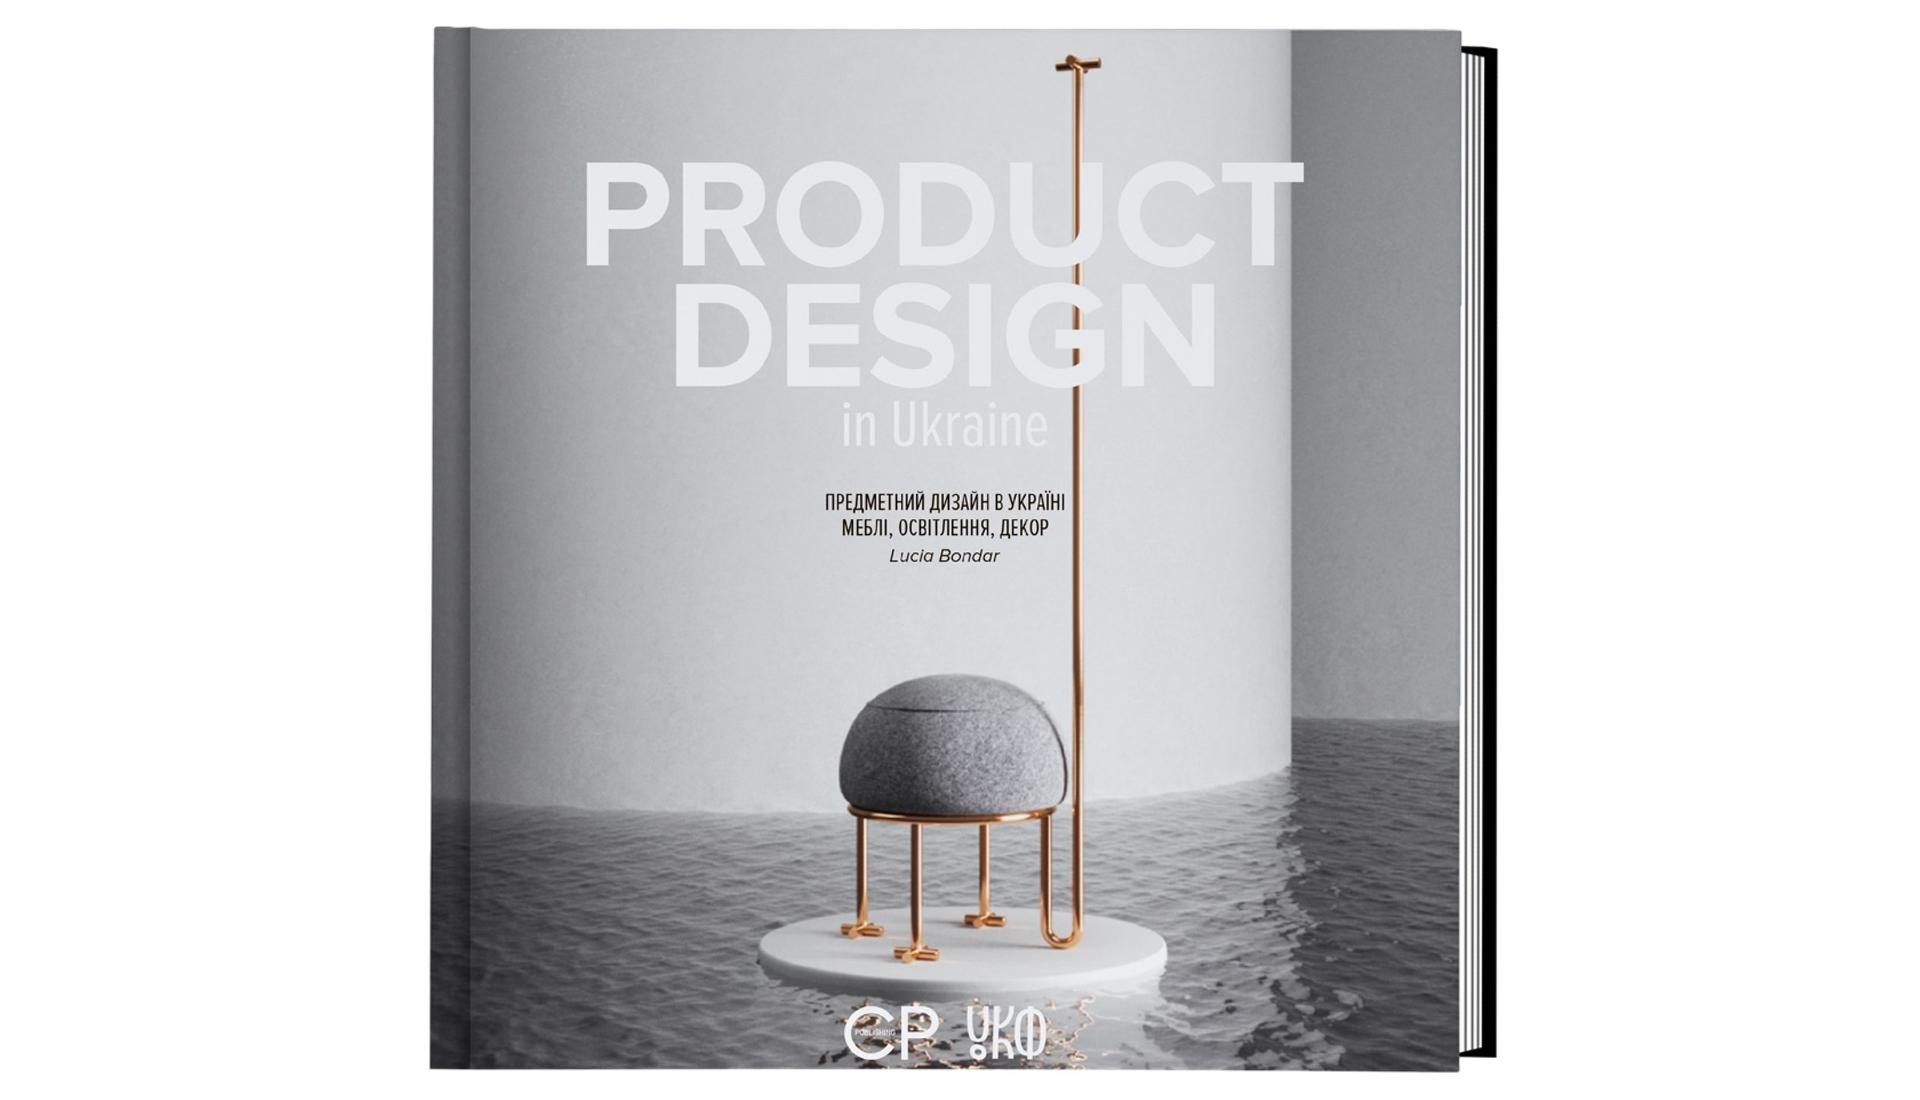 Книга об украинском предметном дизайне